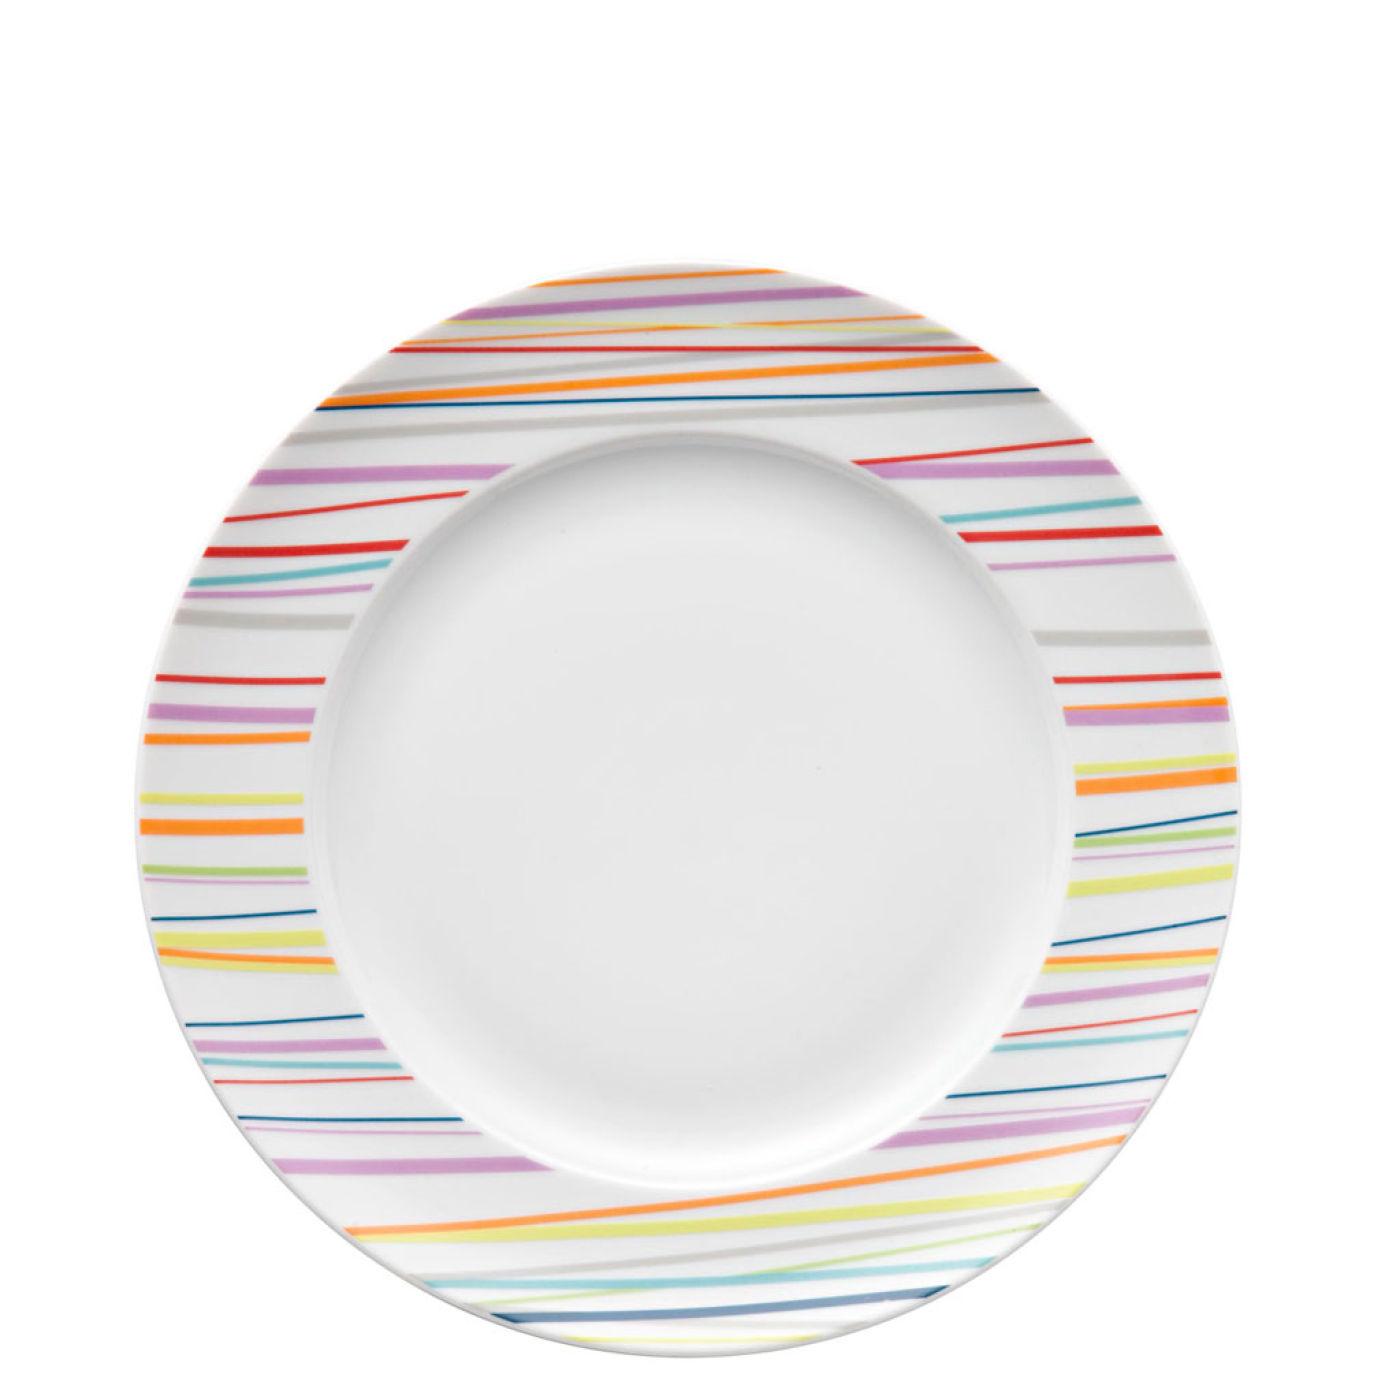 Набор столовый на 2 персоны Rosenthal SUNNY DAY, белый с цветными полосками, 10 предметов Rosenthal 10850-408715-28010 фото 1